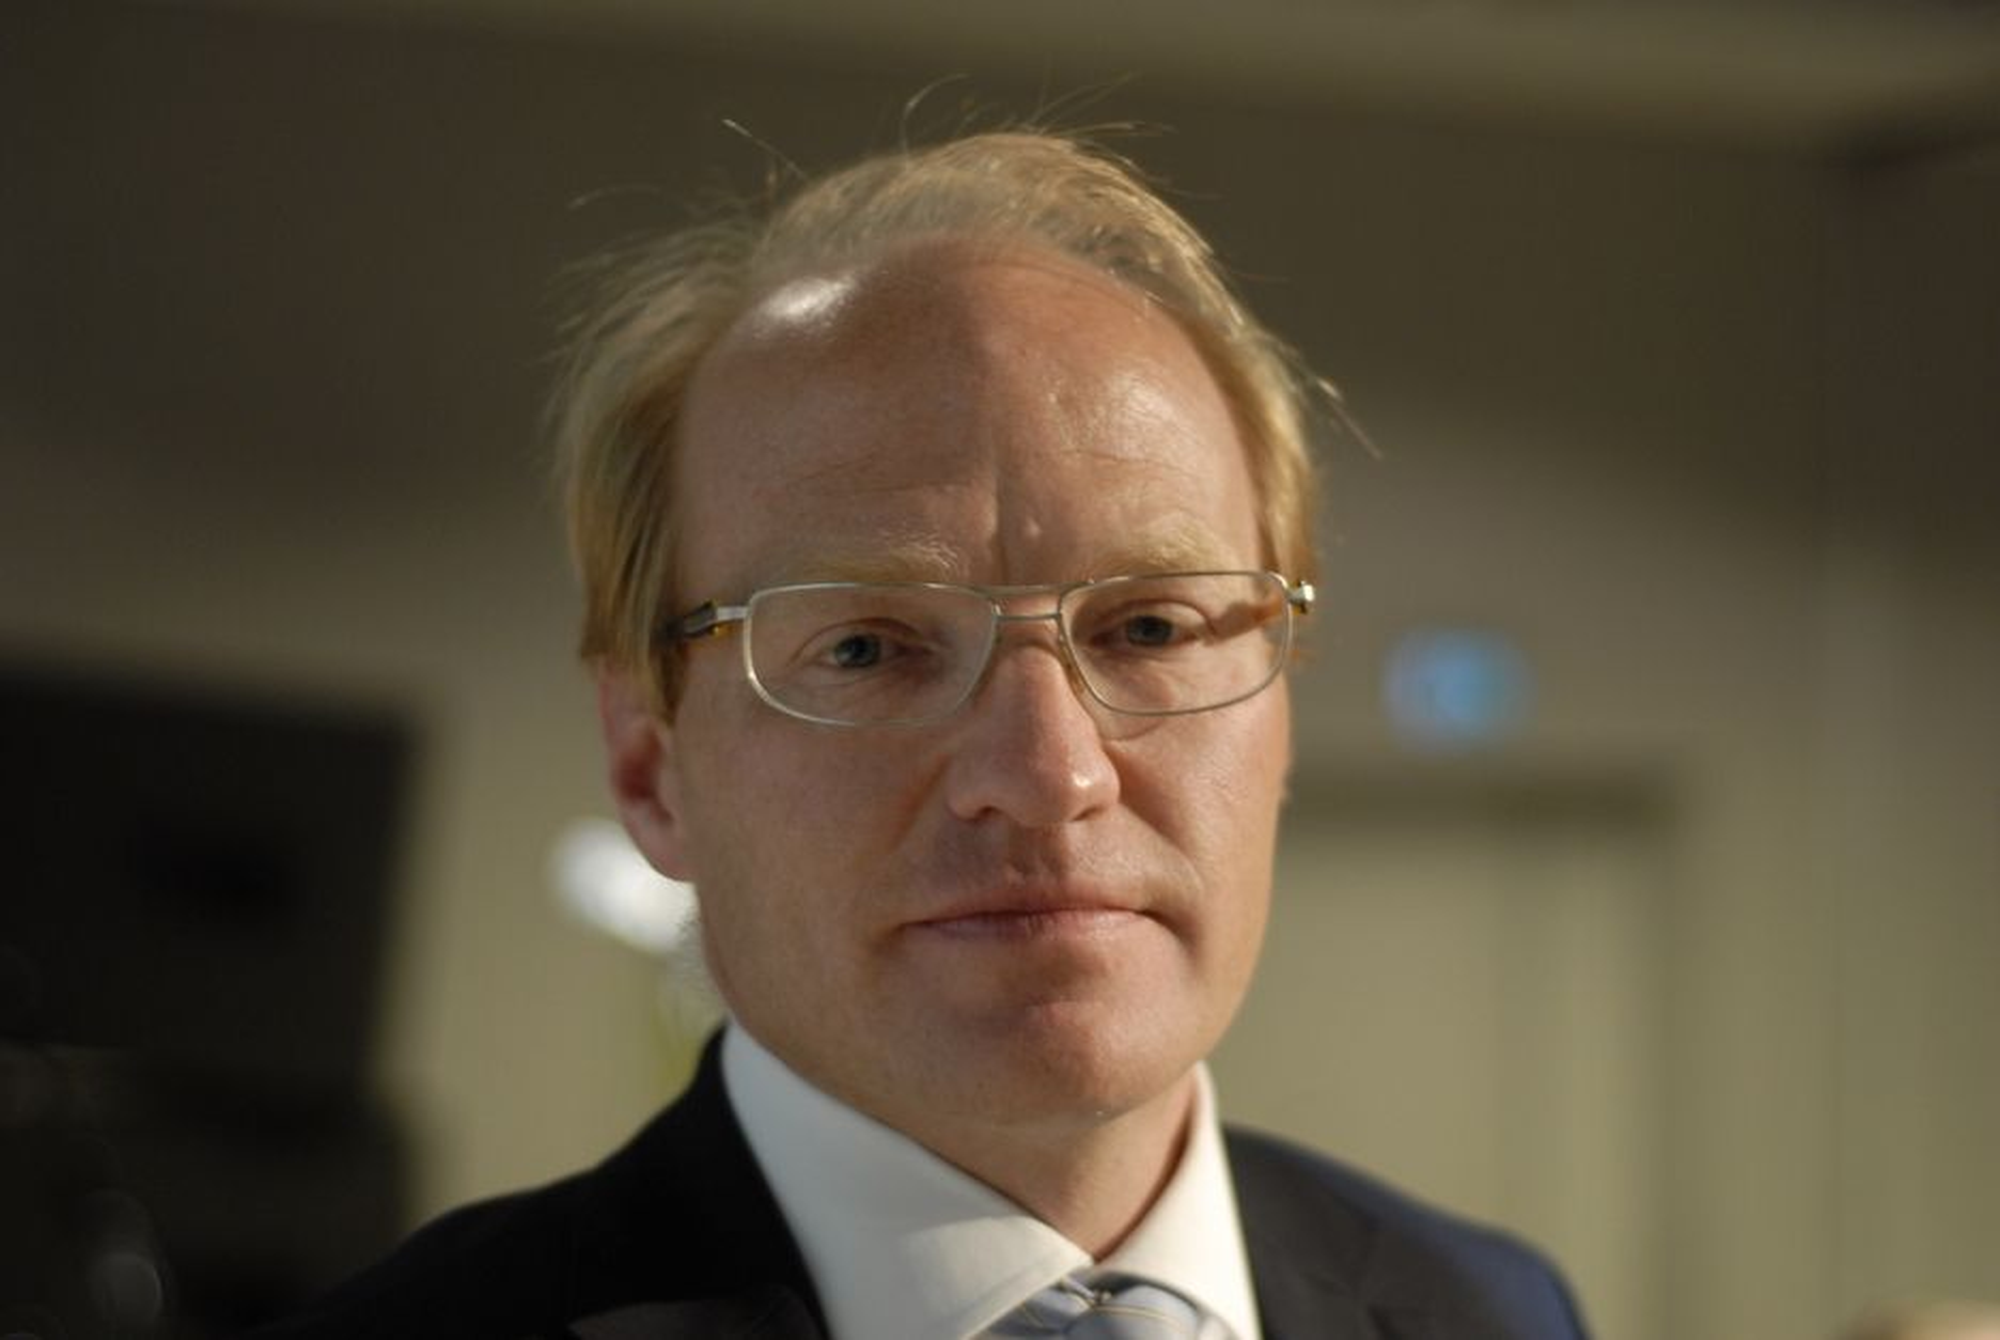 INNSIDEHANDEL: Advokat Peter Aall Simonsen, partner i Simonsen Advokatfirma, mener det norsk-svenske elsertifikatmarkedet bør få regler som hindrer innsidehandel og kursmanipulasjon.